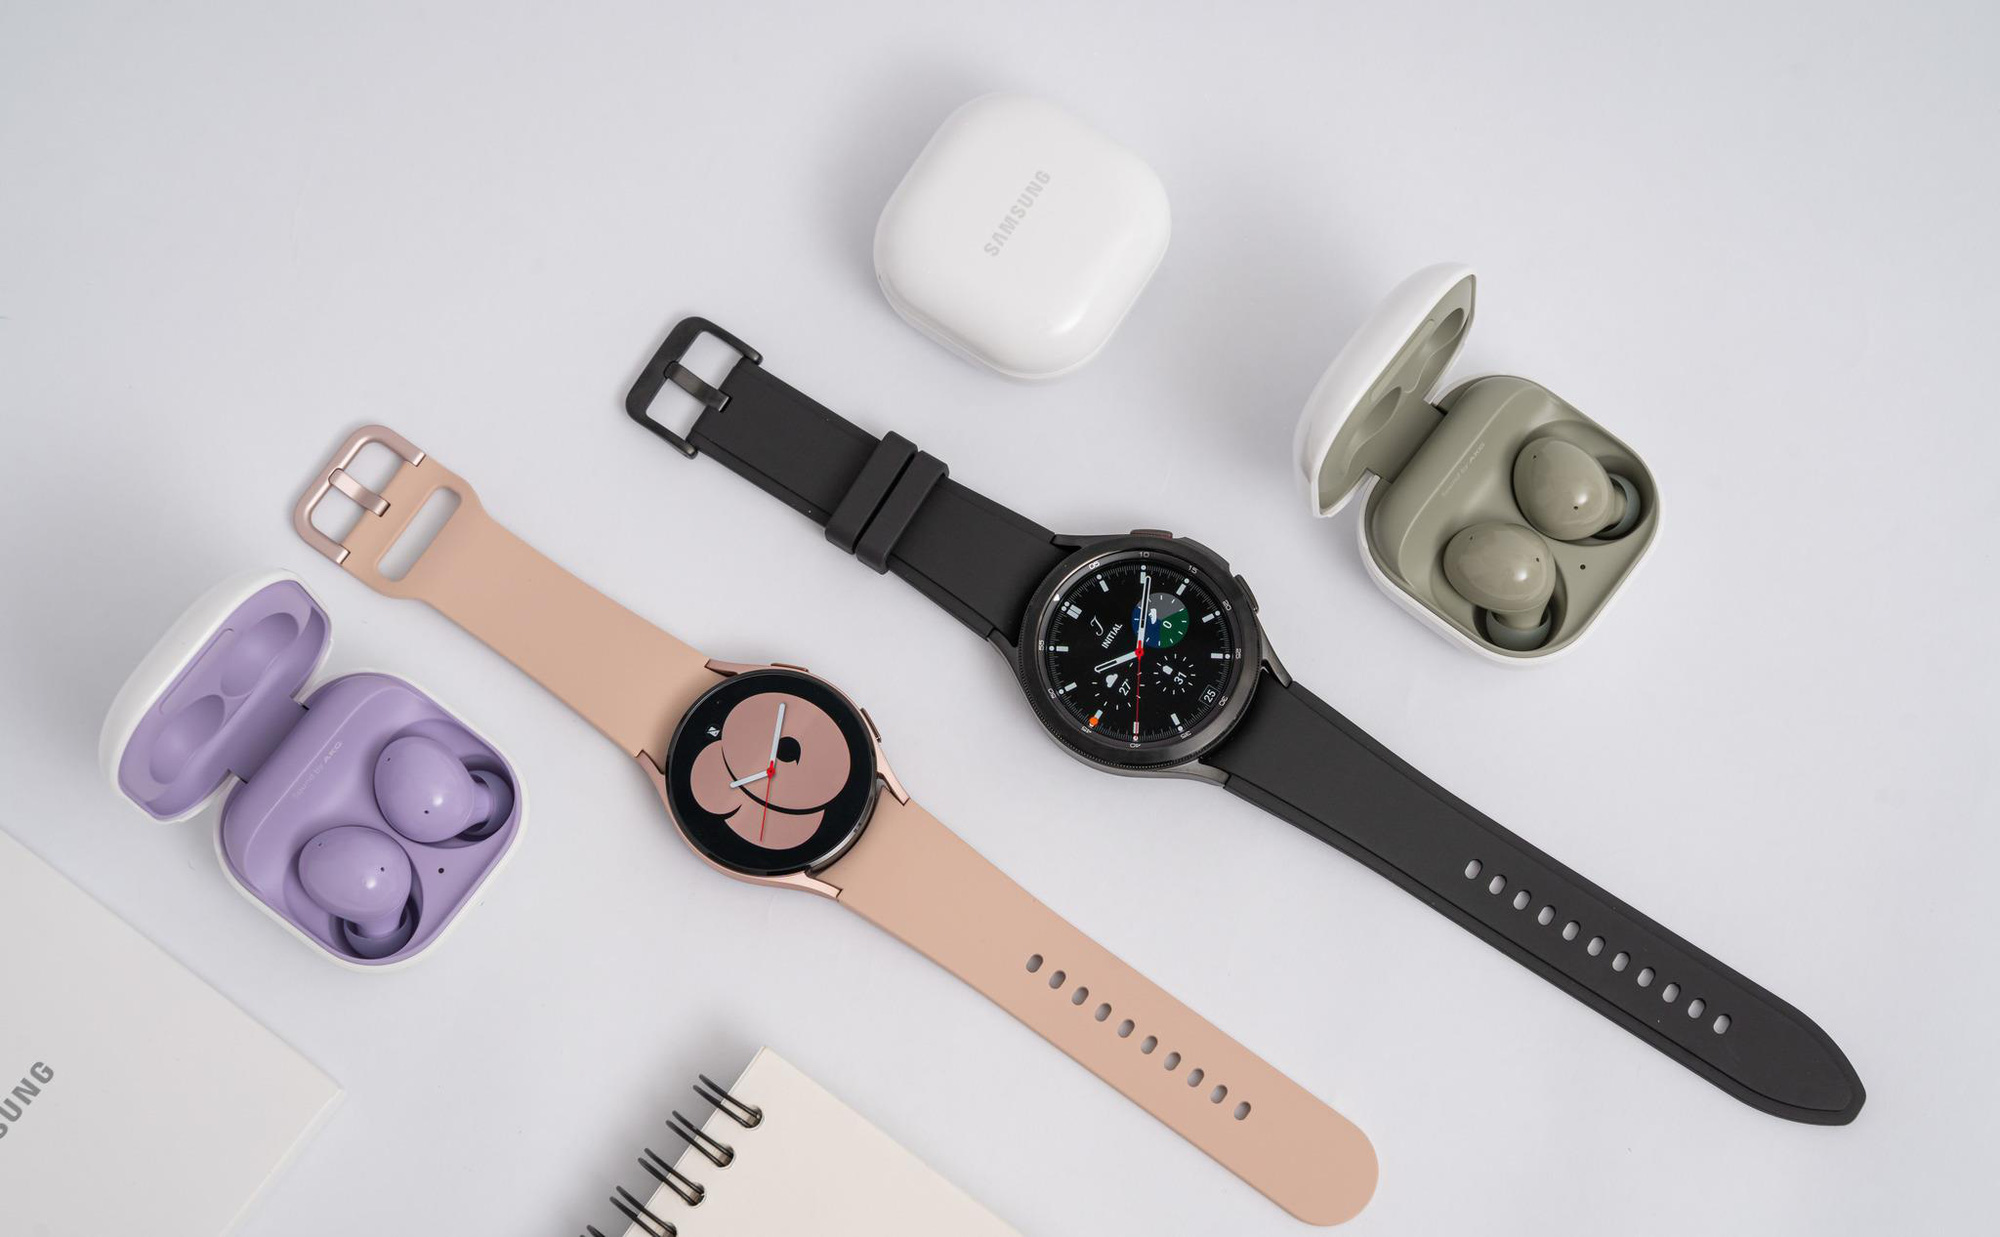 Khỏe trong, đẹp ngoài, sống chất với Galaxy Watch4 Series - Ảnh 4.